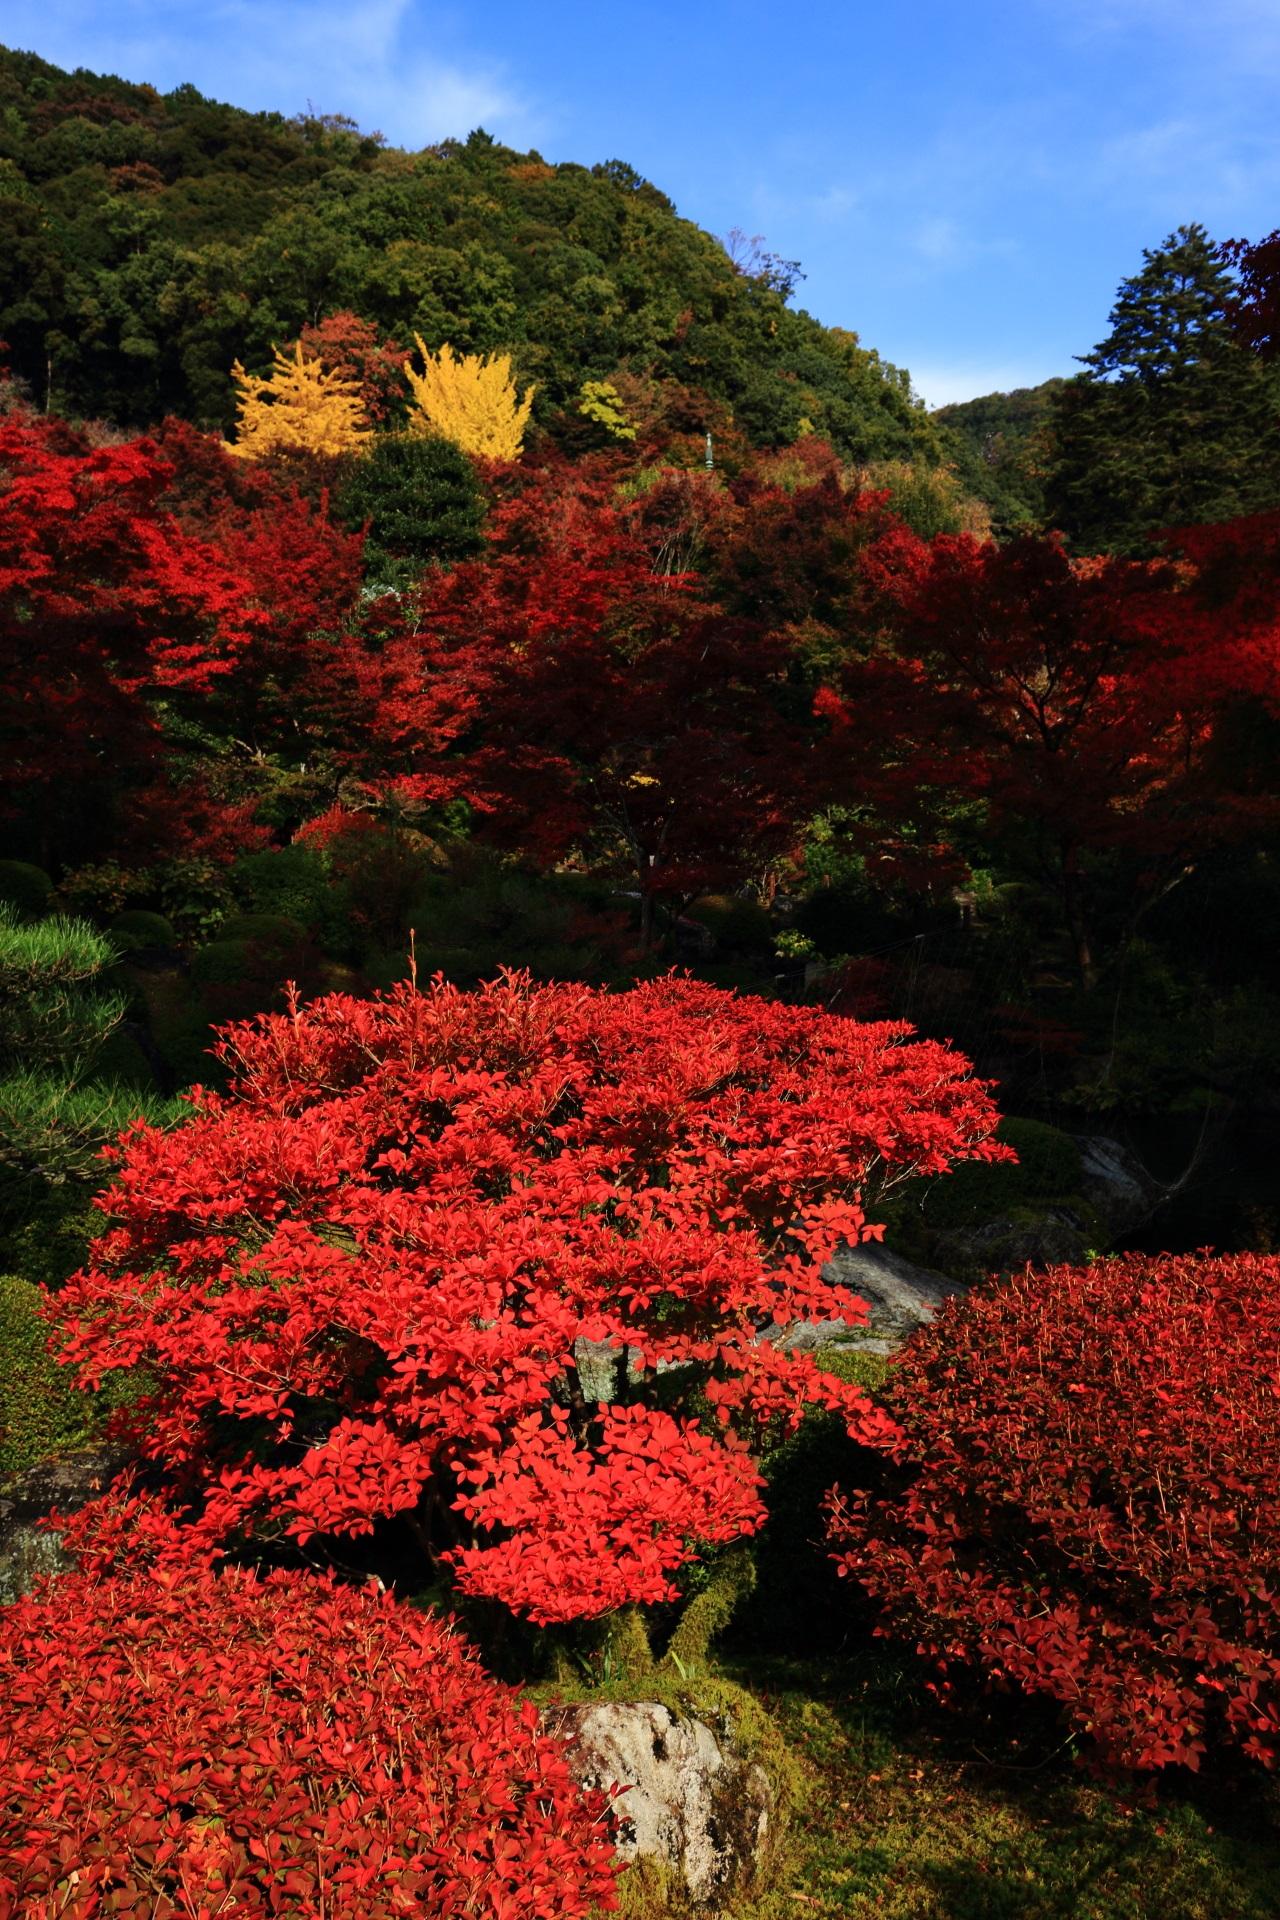 三室戸寺の煌びやかで艶やかな赤色のツツジの紅葉